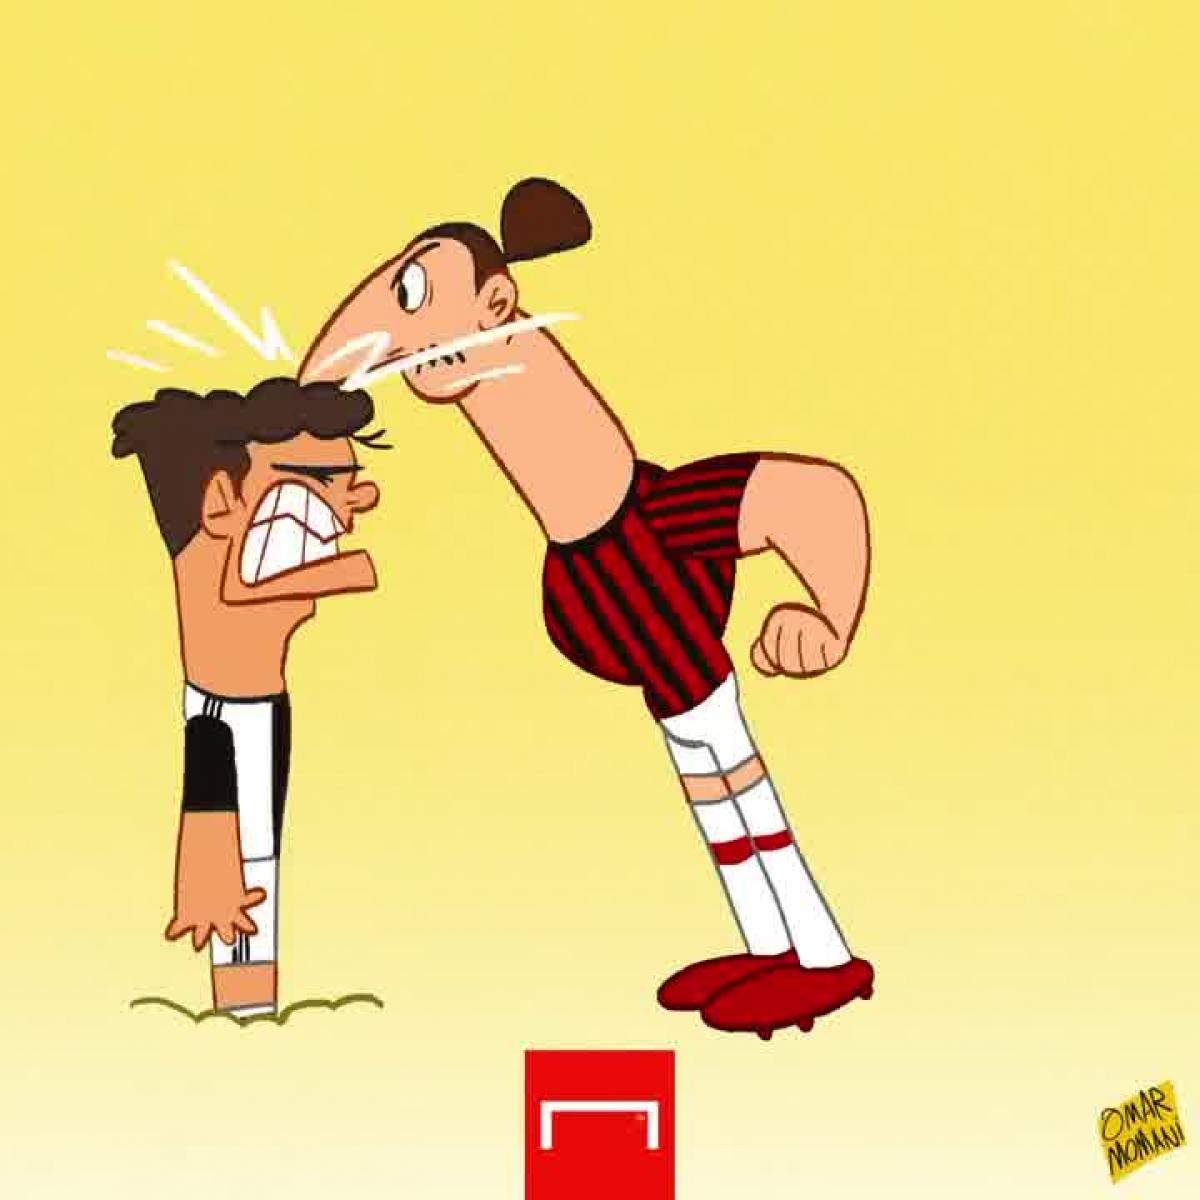 Juventus nhận thất bại 0-3 trước AC Milan nên bị bật khỏi tốp 4.